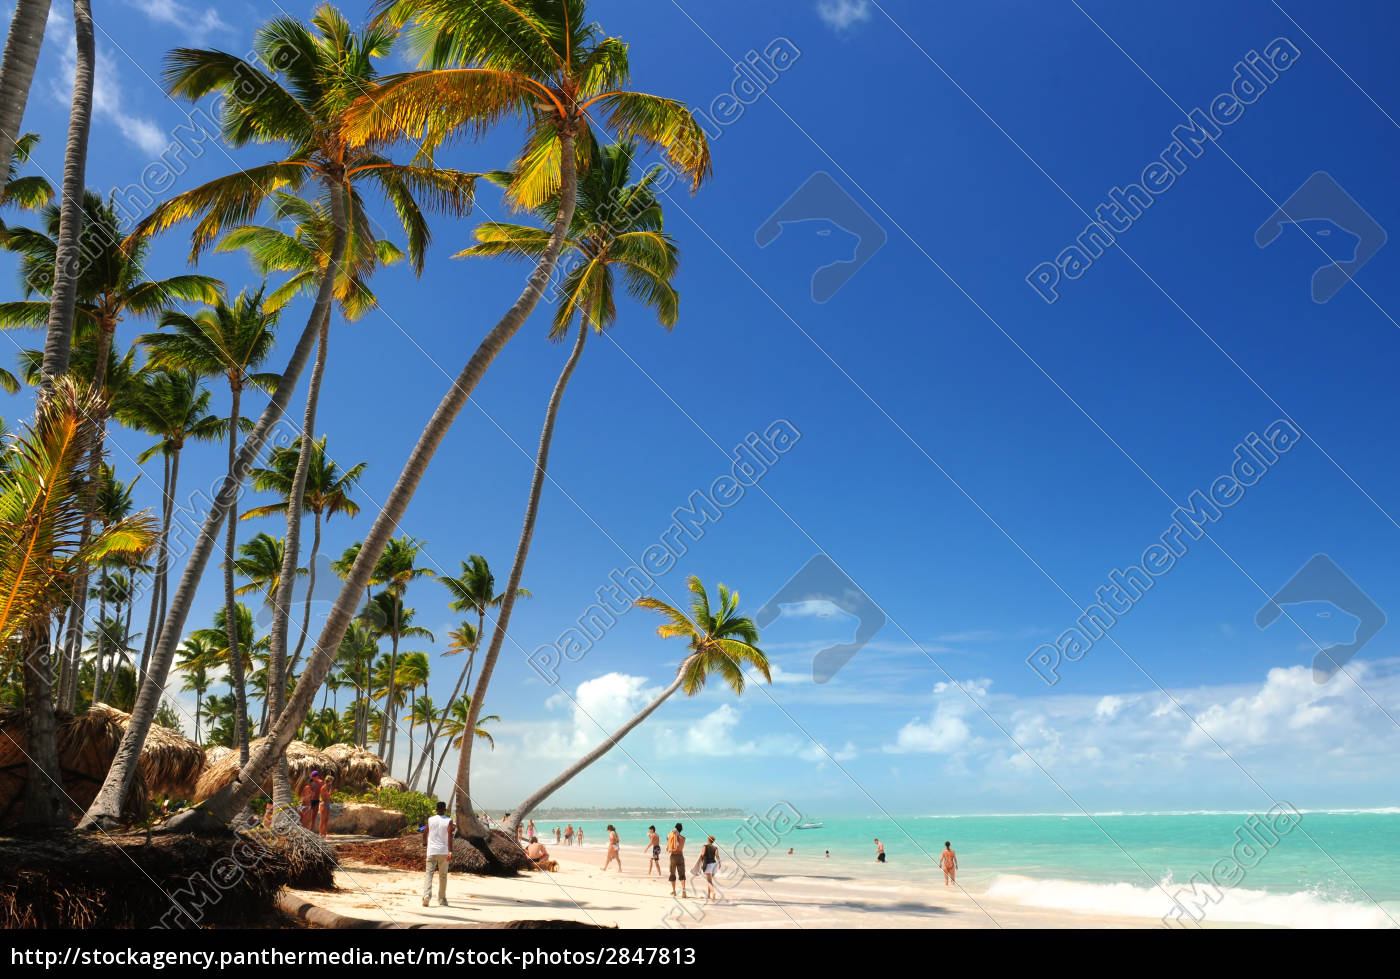 tropical, beach - 2847813